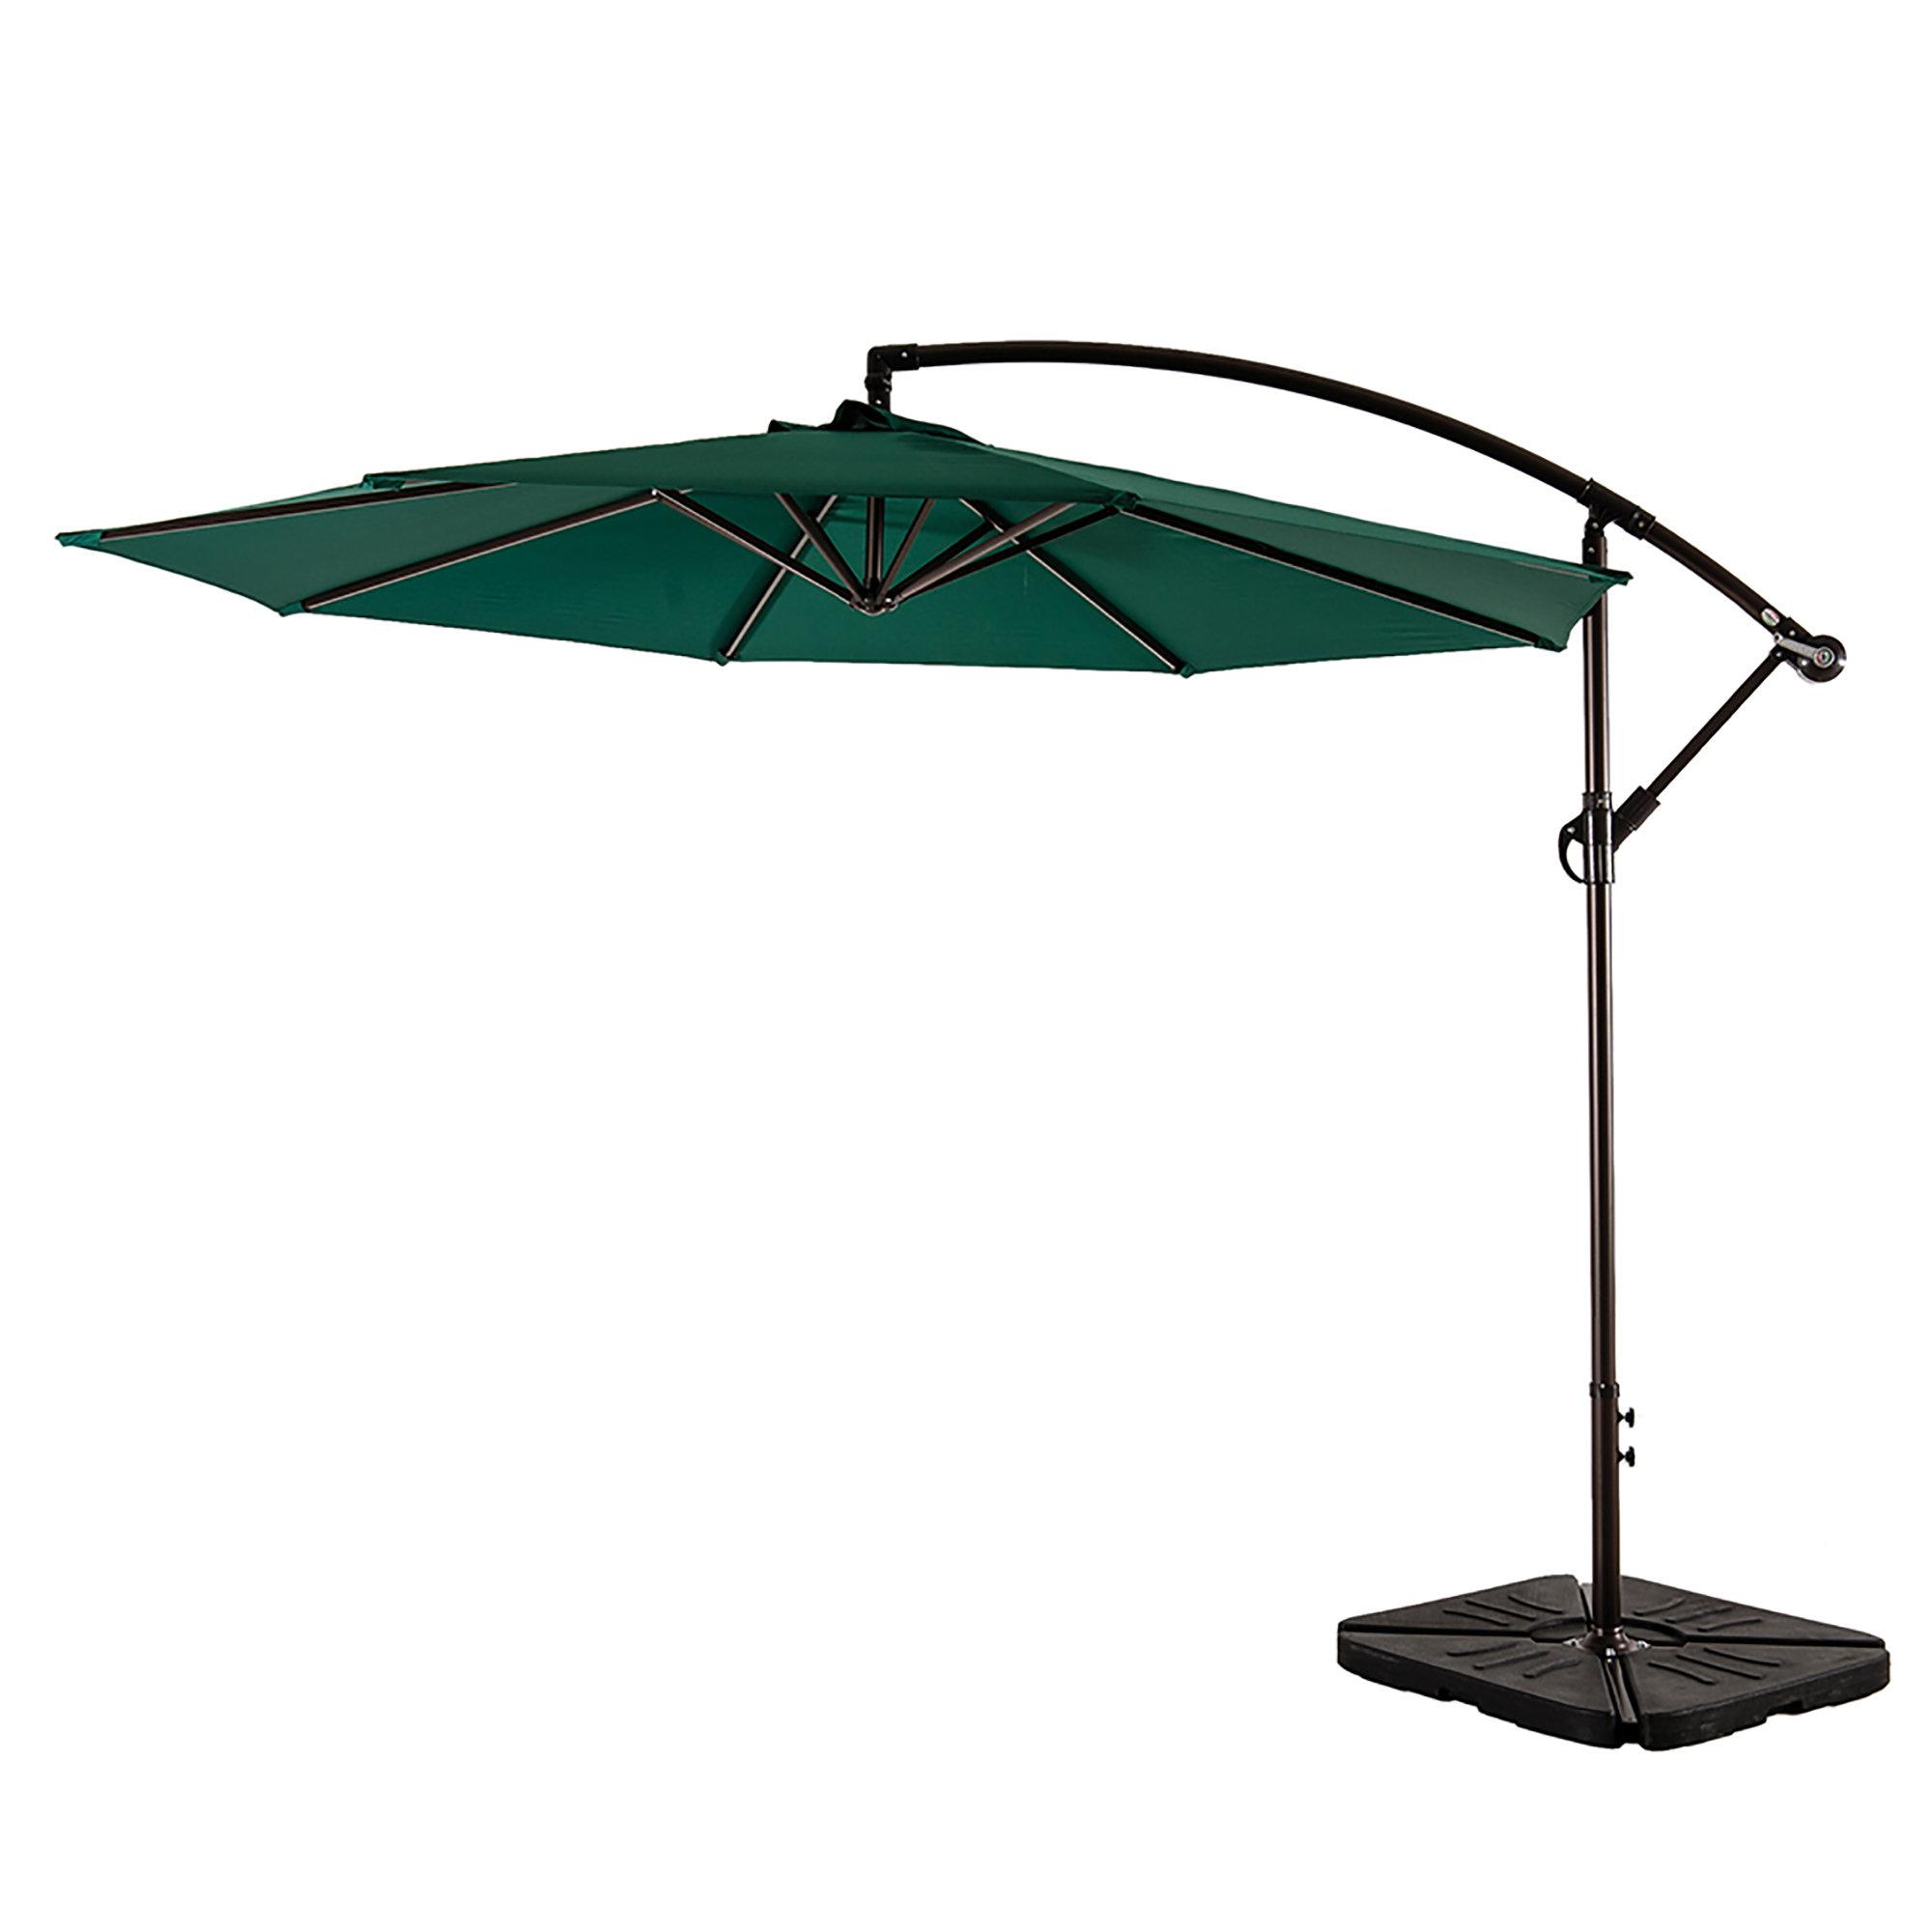 Karr 10' Cantilever Umbrella With 2020 Lora Market Umbrellas (Gallery 10 of 20)